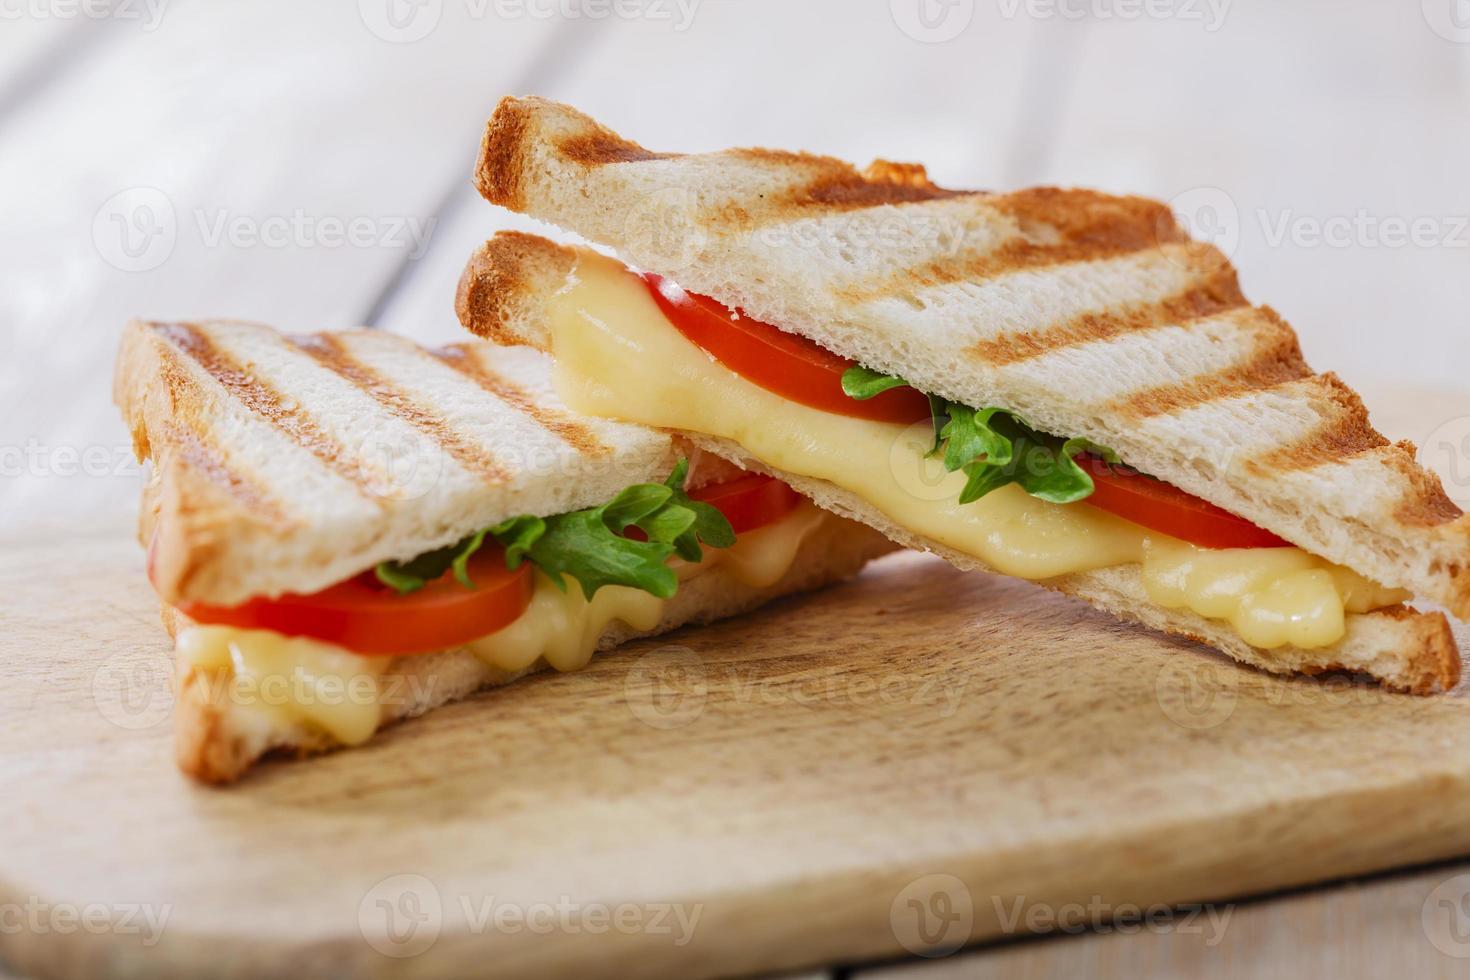 Torrada de sanduíche grelhada com tomate e queijo foto